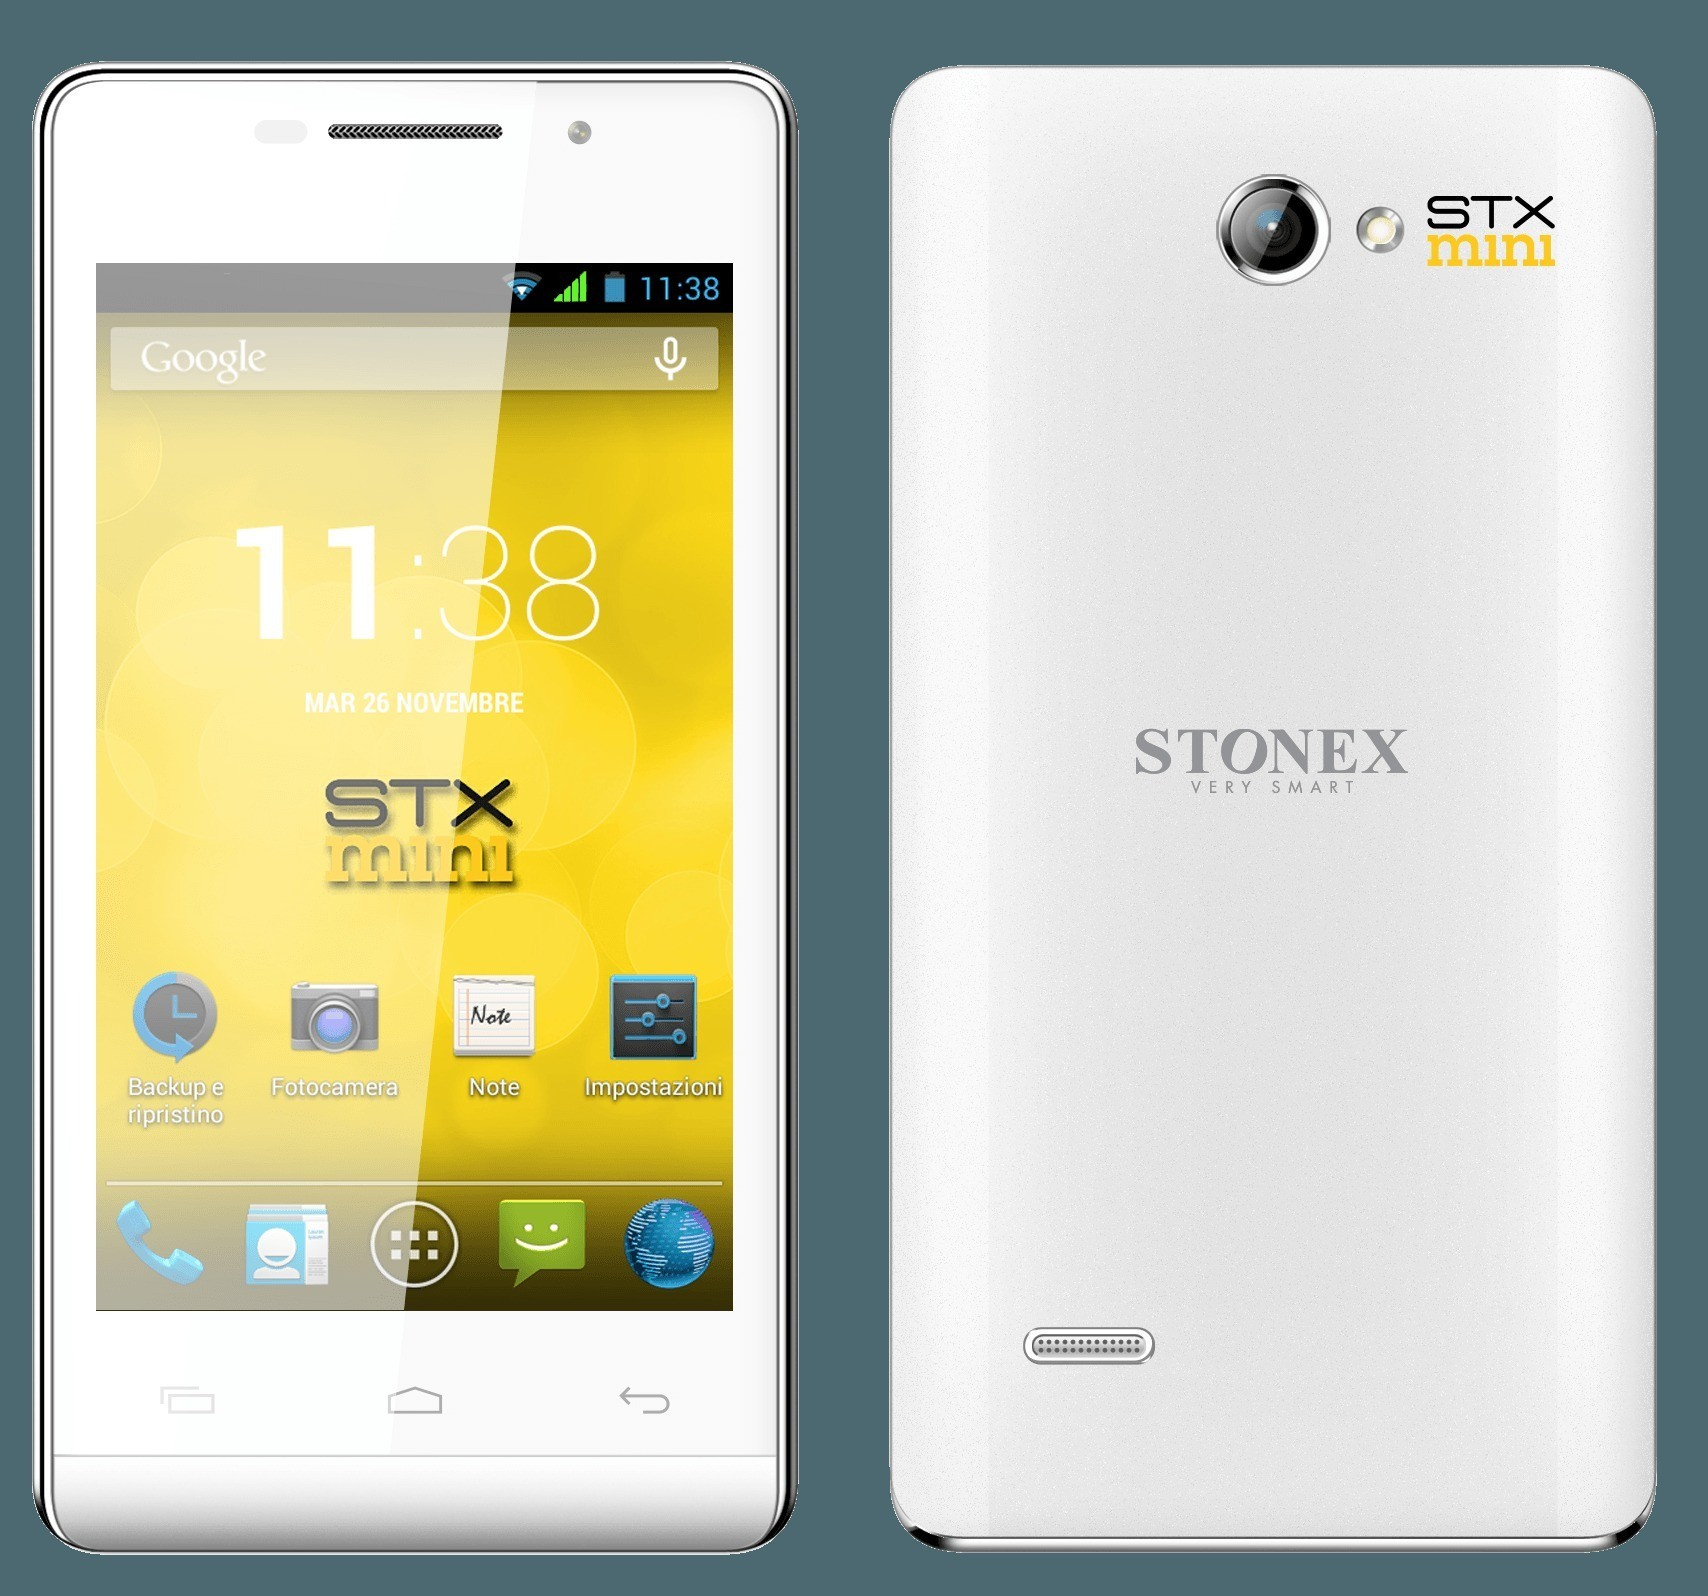 Stonex: in arrivo il nuovo STX mini!